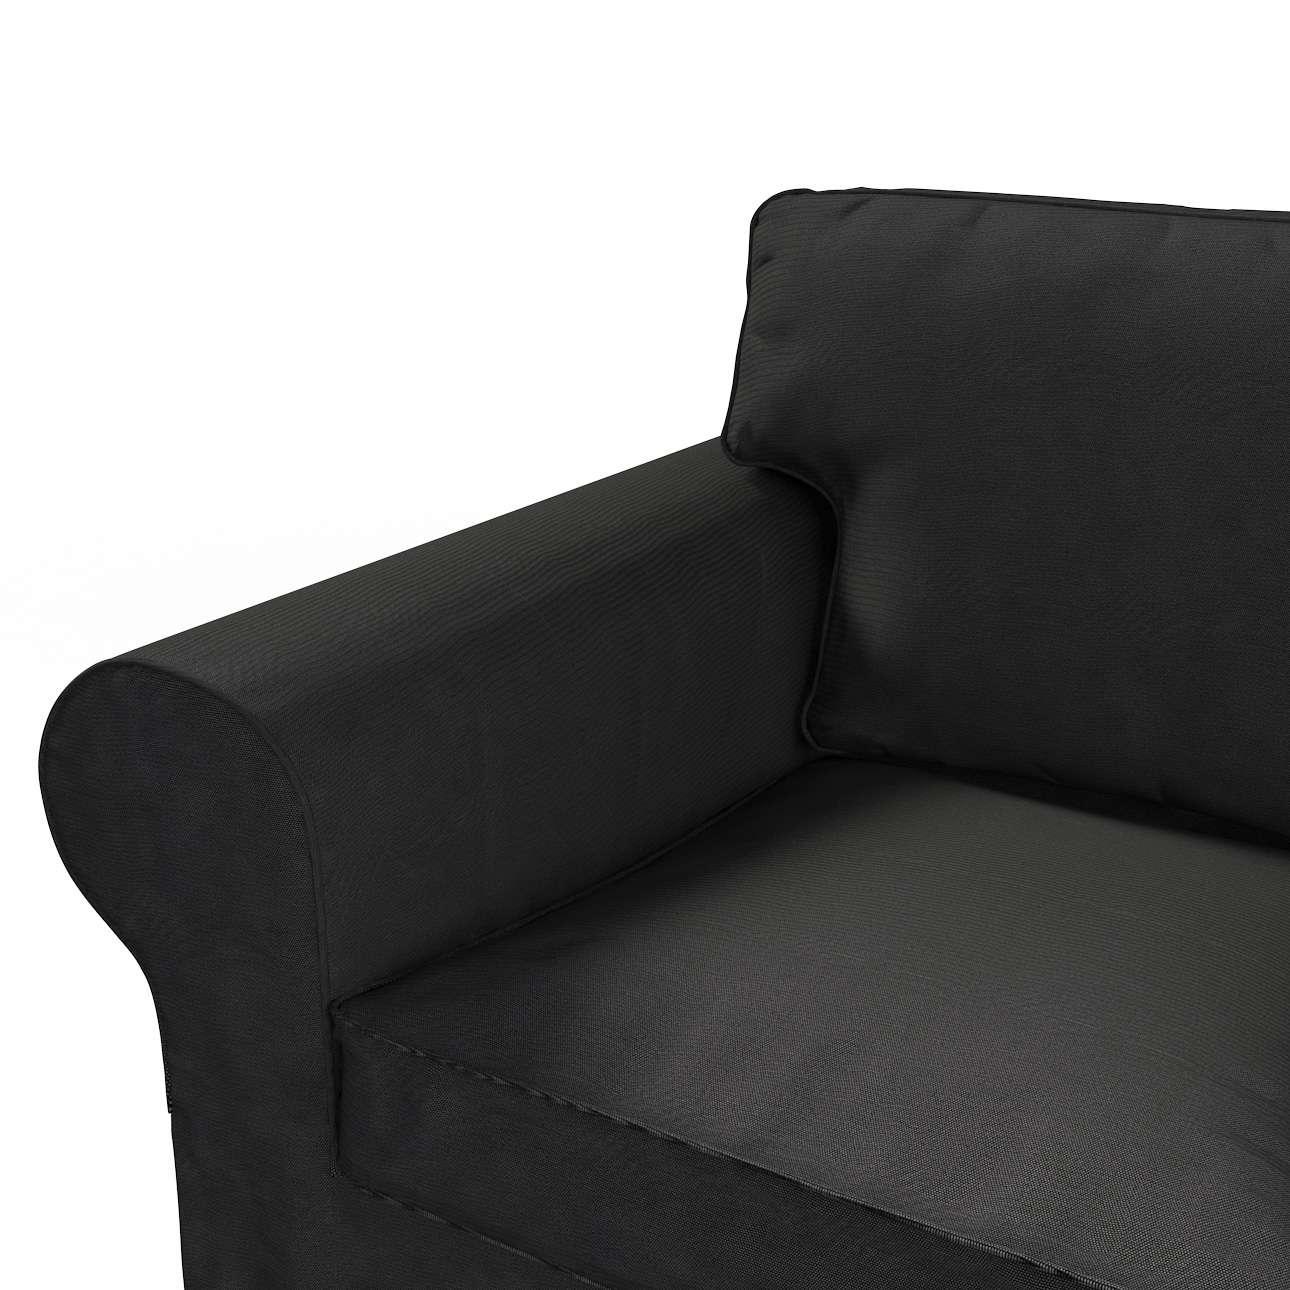 Ektorp 2-Sitzer Sofabezug nicht ausklappbar Sofabezug für  Ektorp 2-Sitzer nicht ausklappbar von der Kollektion Etna, Stoff: 705-00